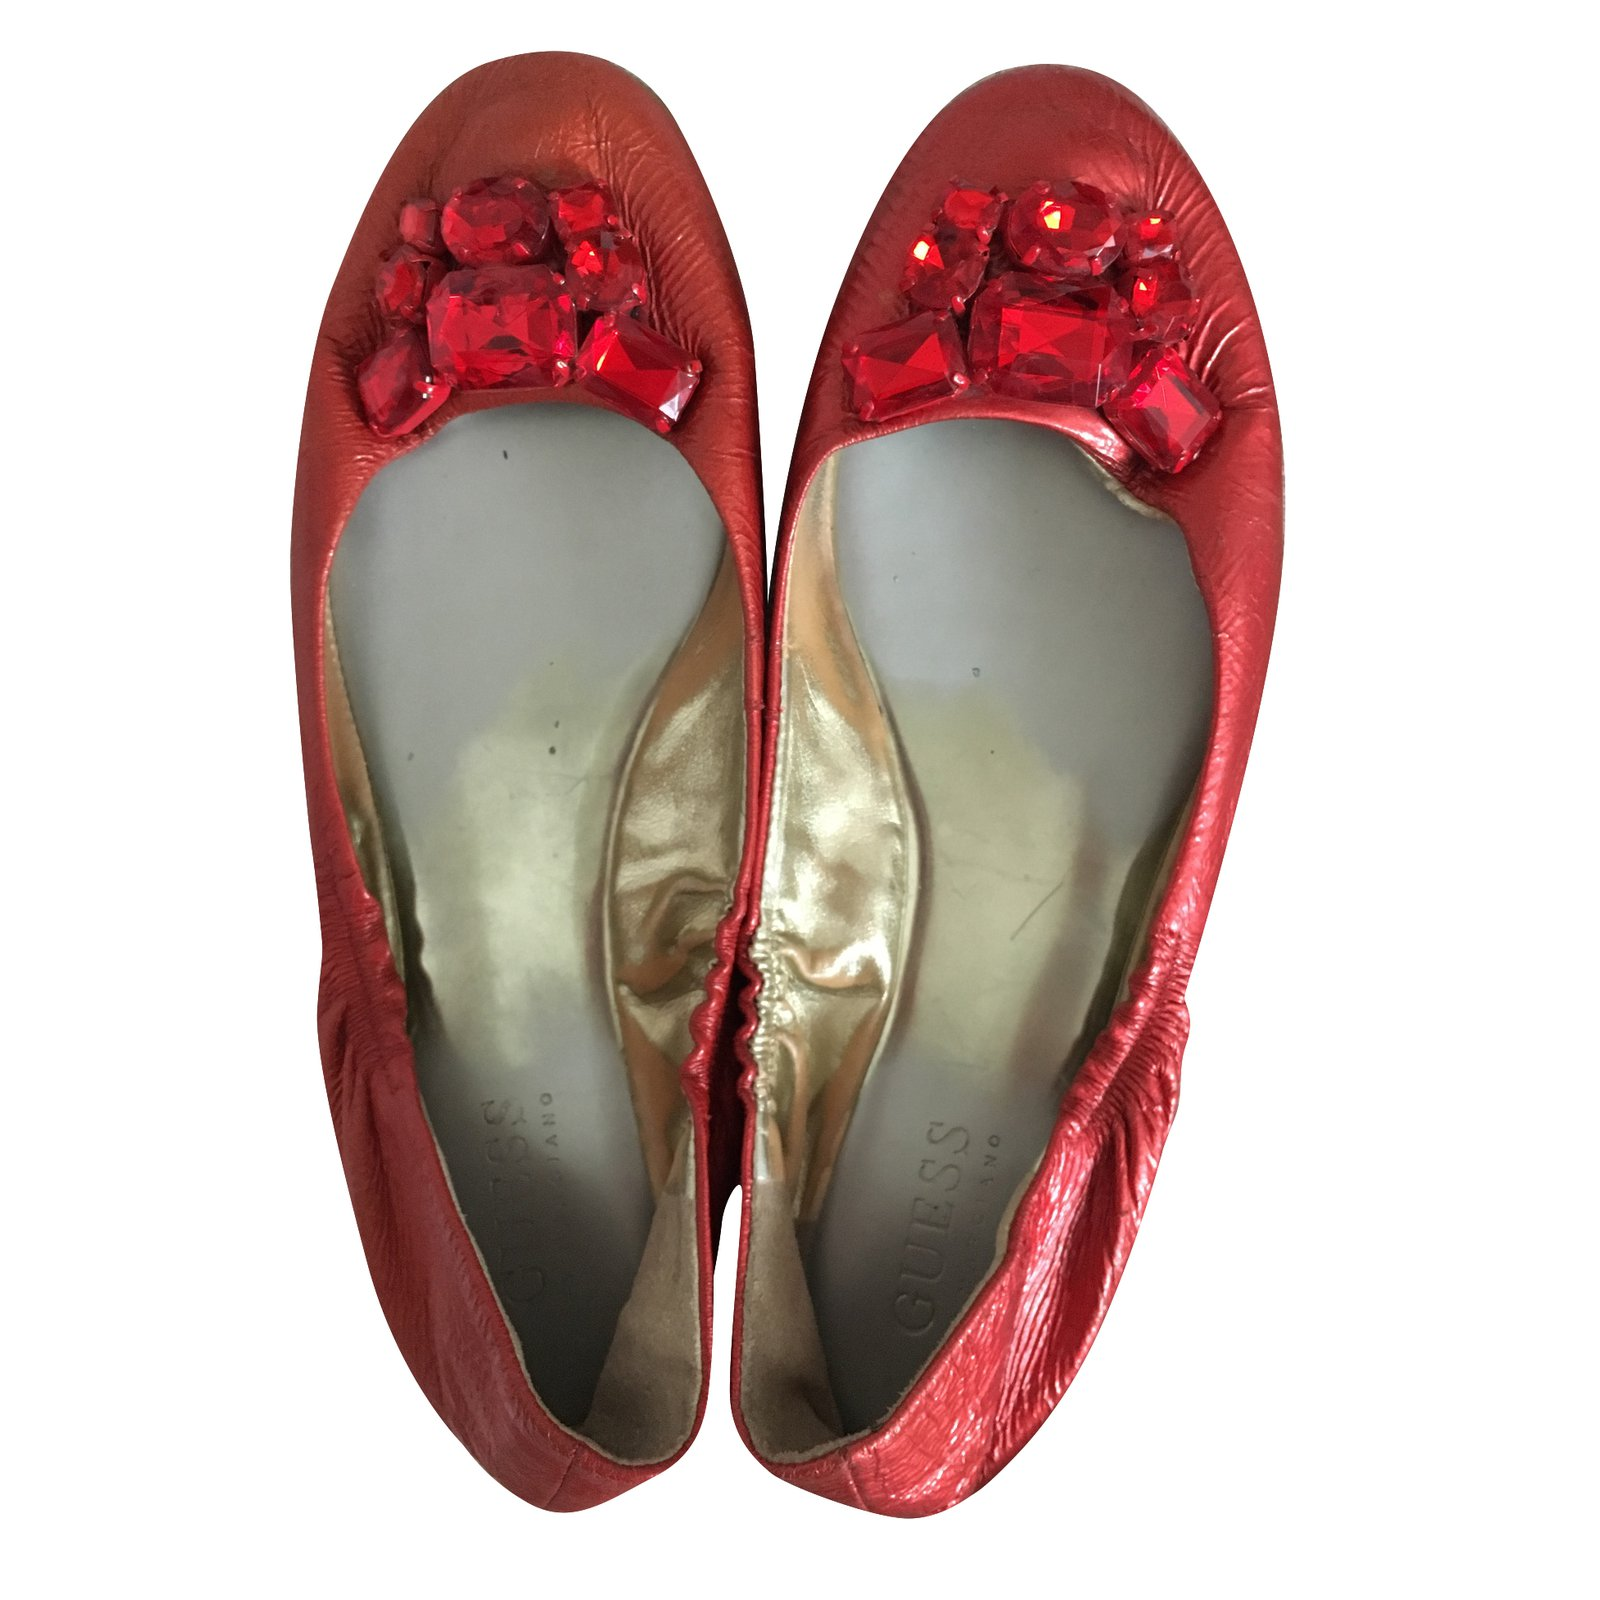 Guess Ballet flats Ballet flats Patent